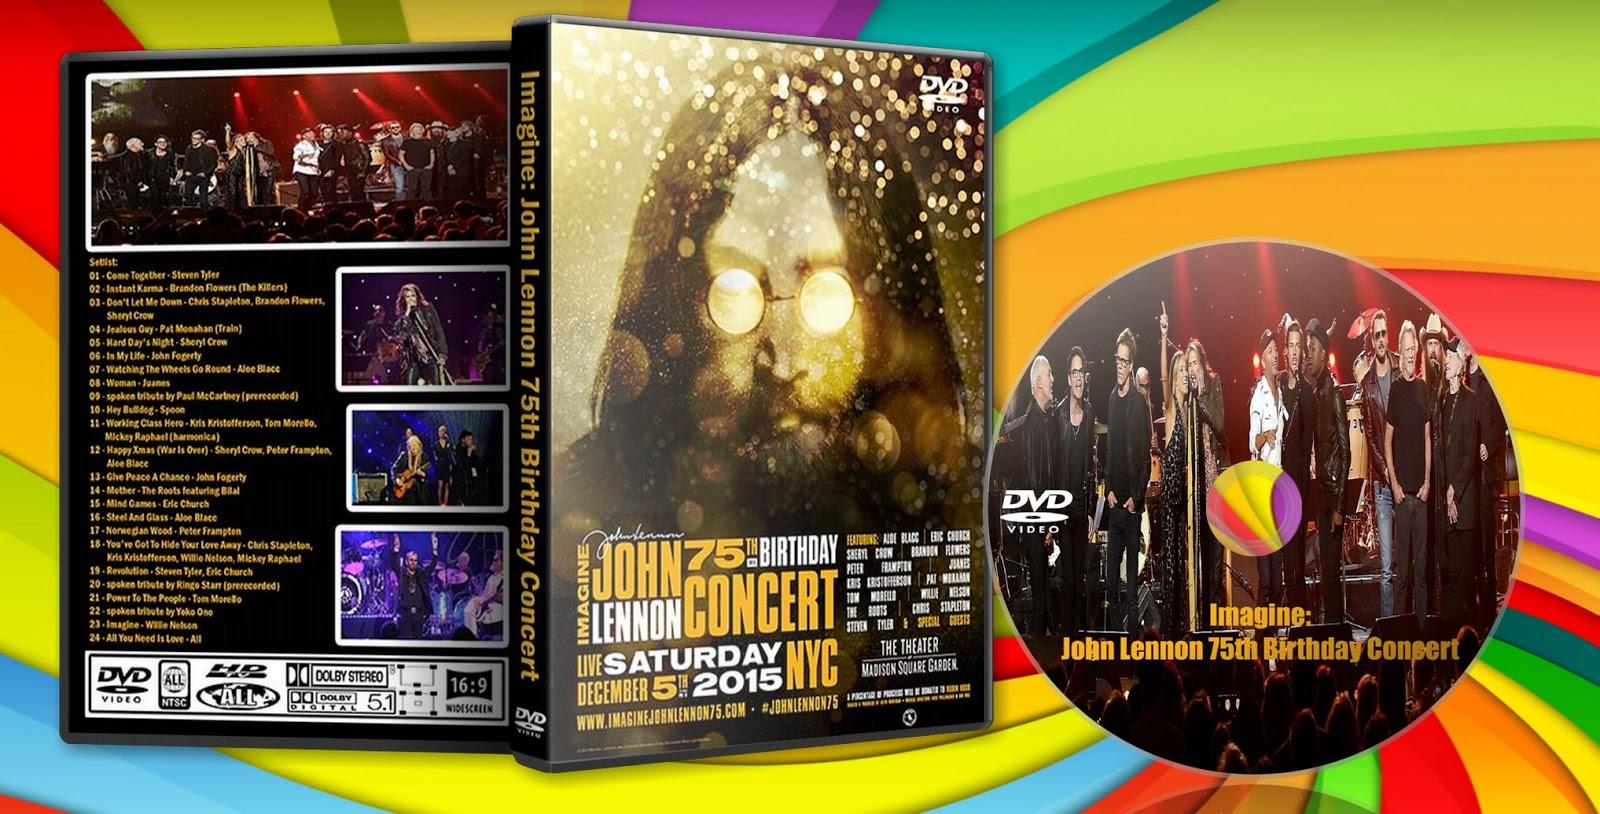 Deer5001RockCocert: Imagine: John Lennon 75th Birthday Concert